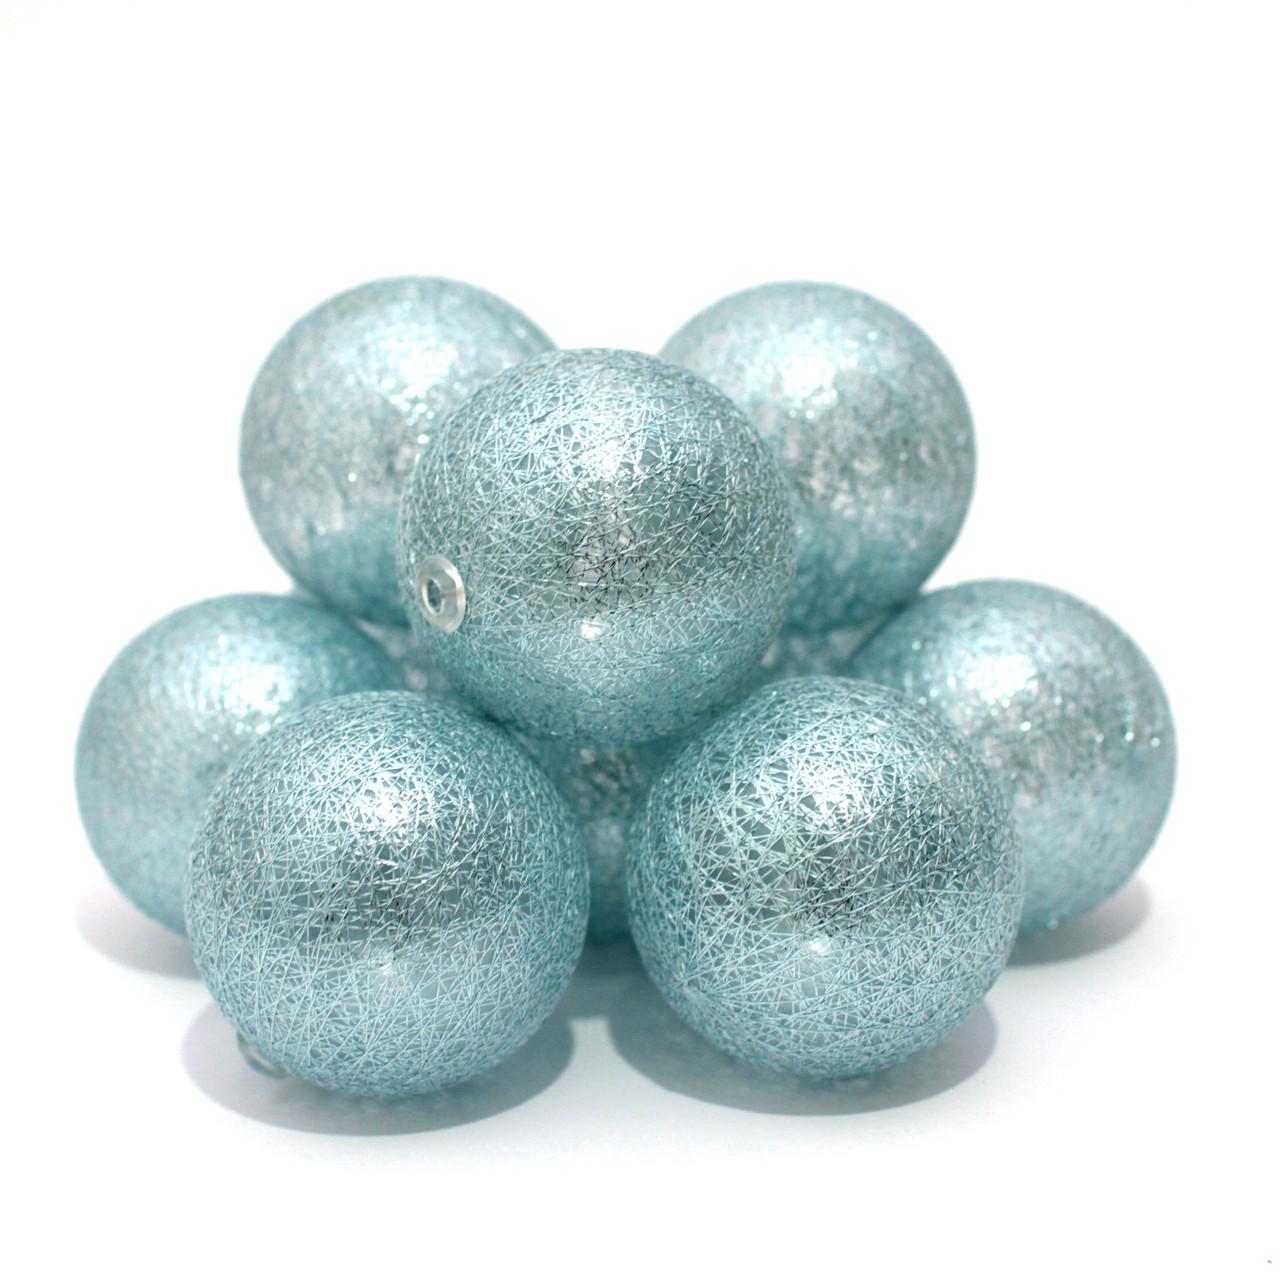 Декоративная Светодиодная LED Гирлянда Cotton Balls Хлопковые Тайские Шарики 10 шт На Батарейках ЛЕД Декор